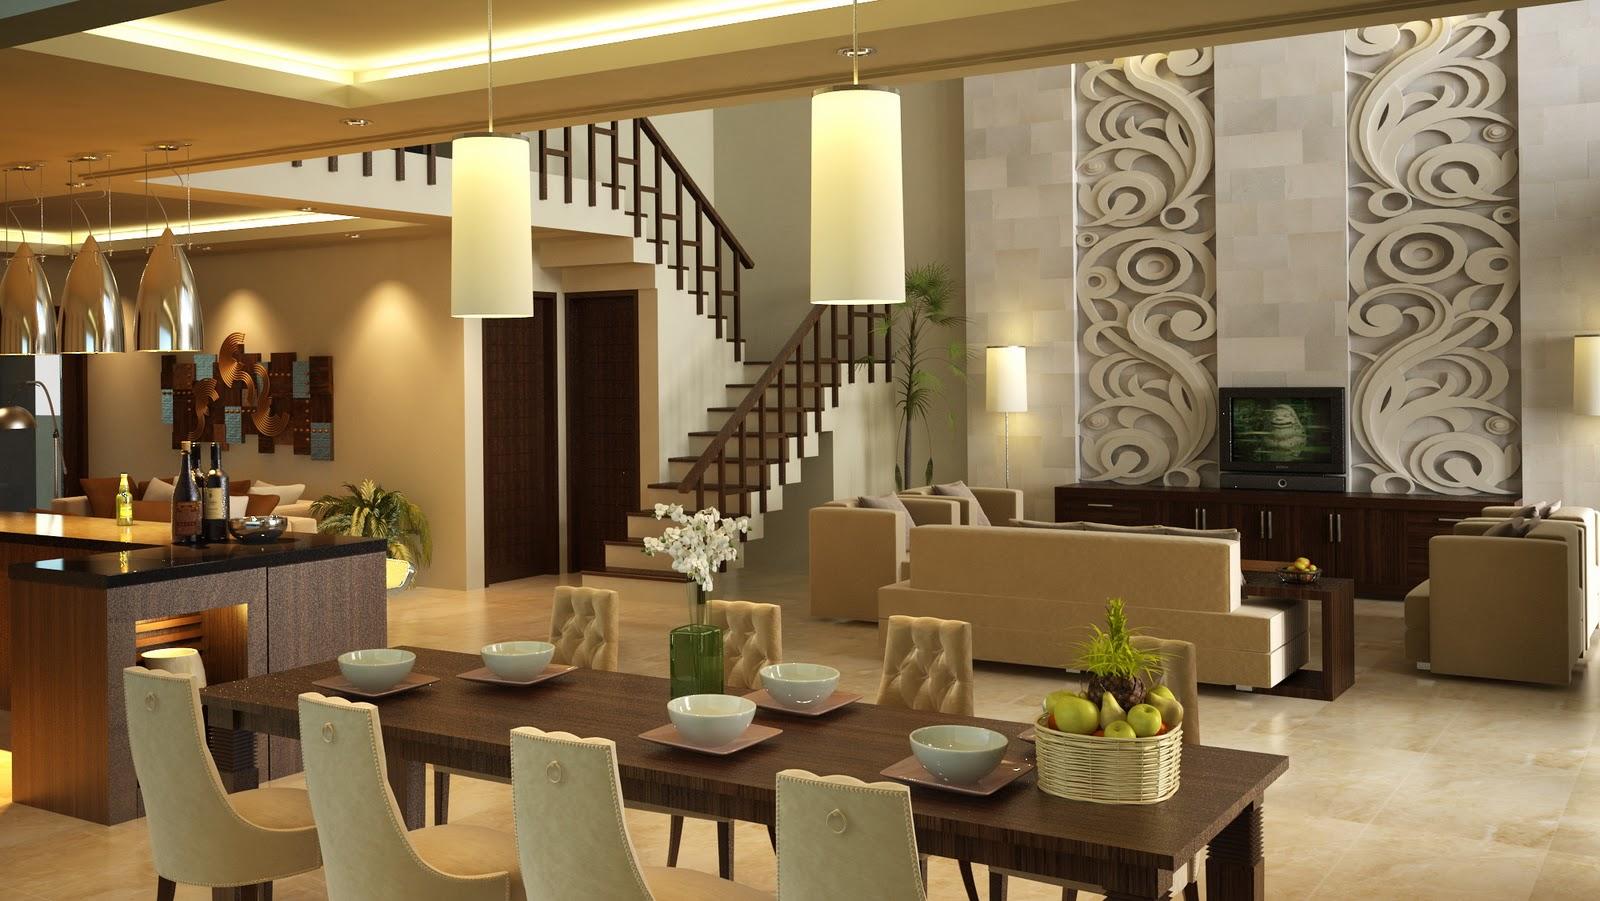 Gambar Desain Rumah: Desain Interior Rumah Emporio Architect